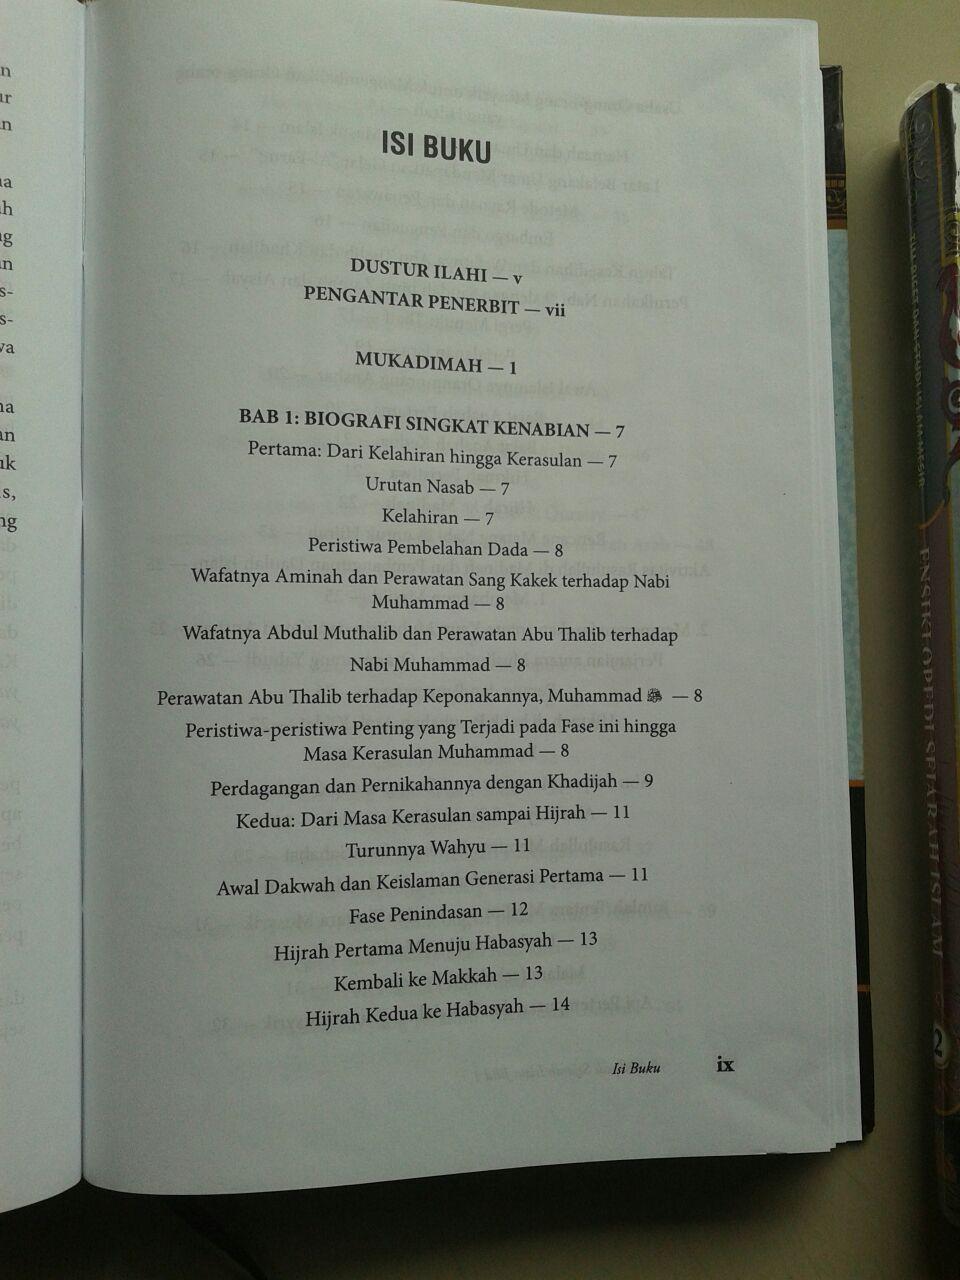 Buku Ensiklopedi Sejarah Islam Masa Kenabian-Daulah Mamluk set 2 Jilid isi 2